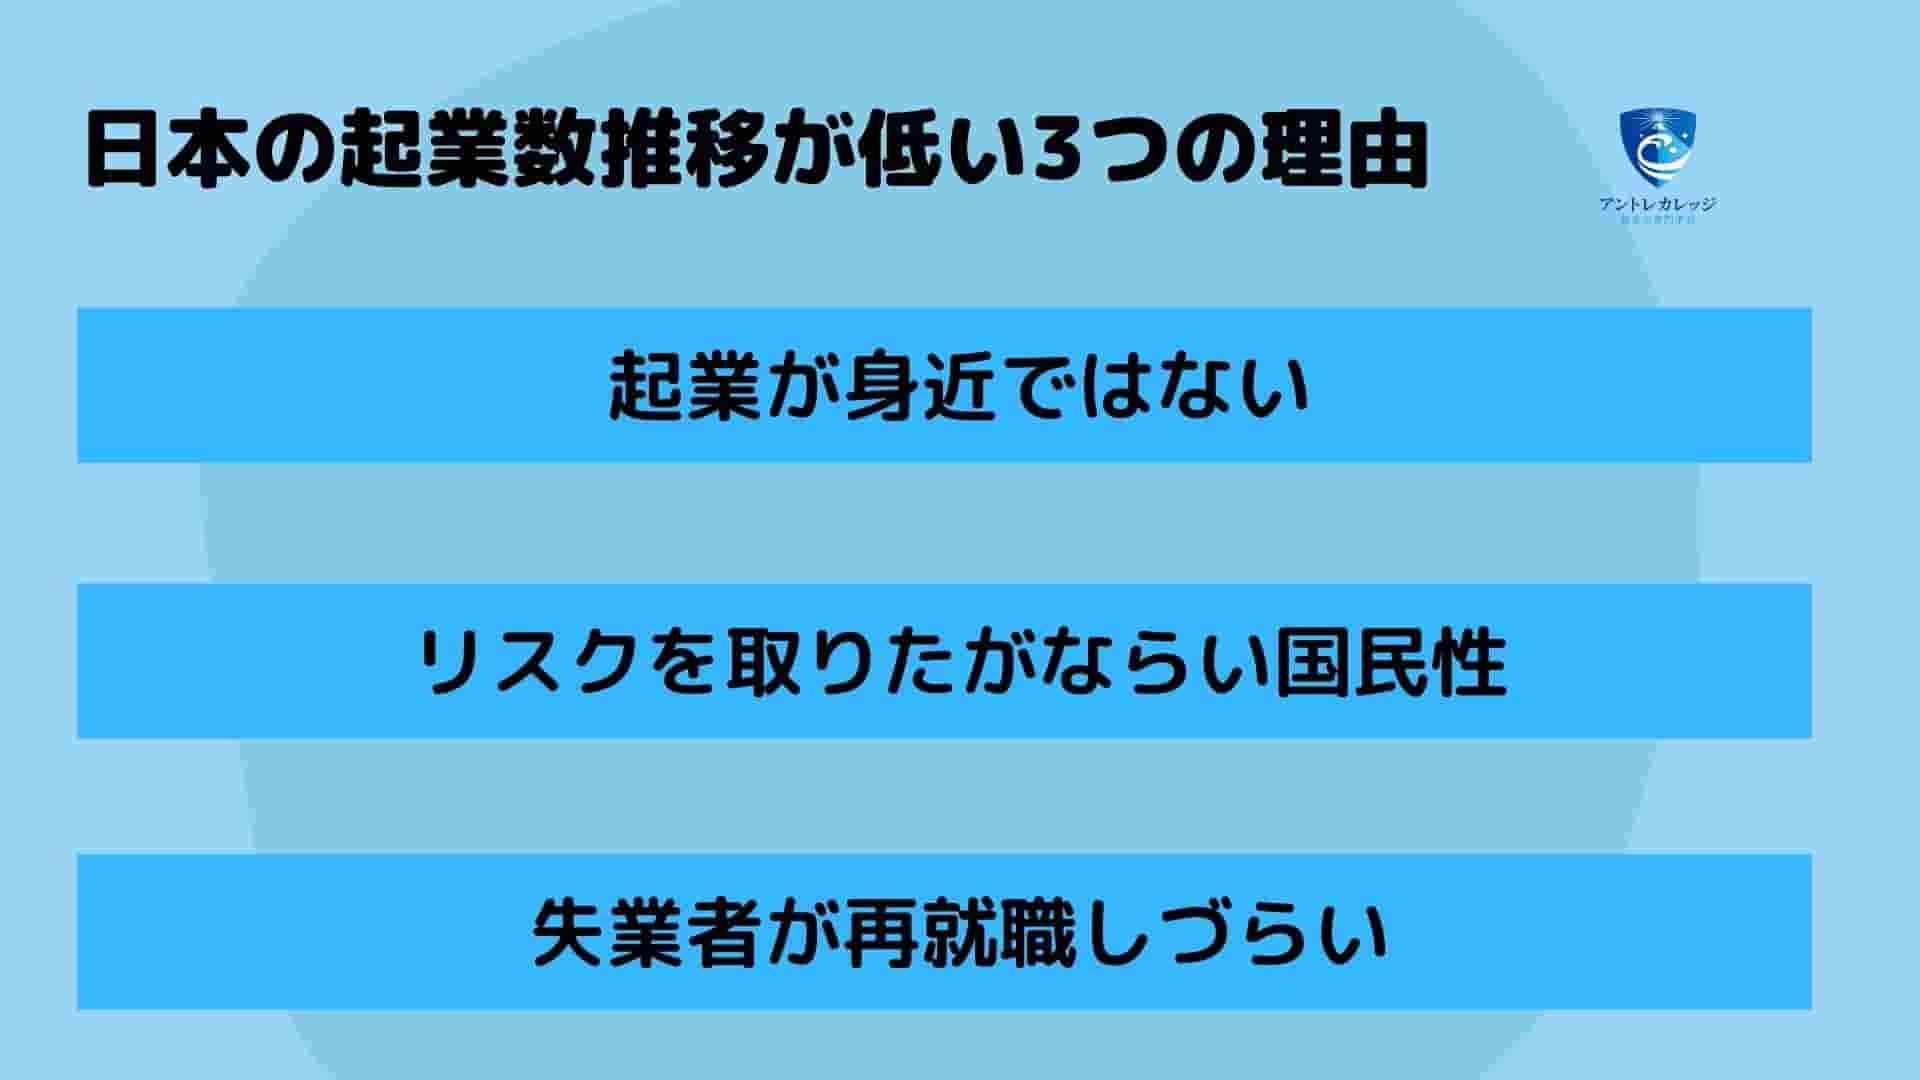 日本の起業数推移が低い3つの理由